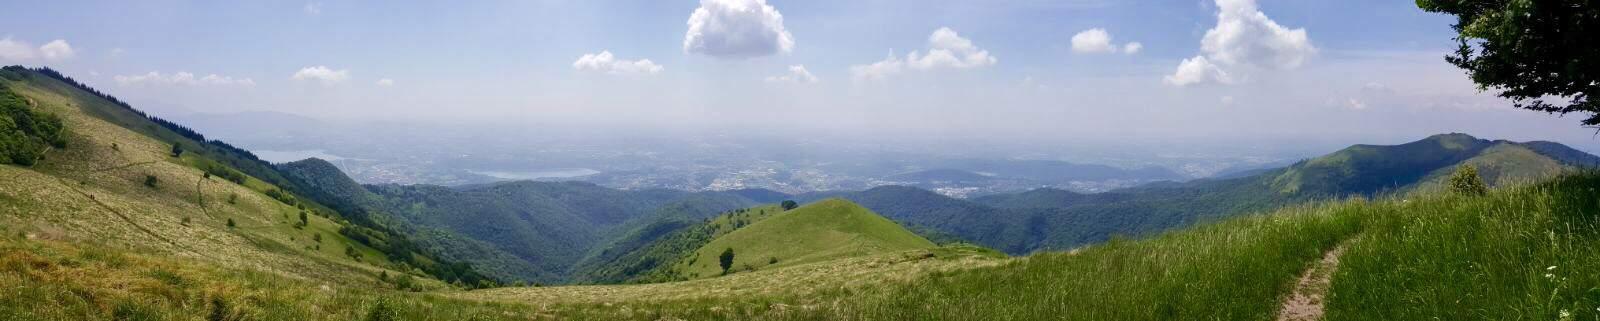 trekking bellagio